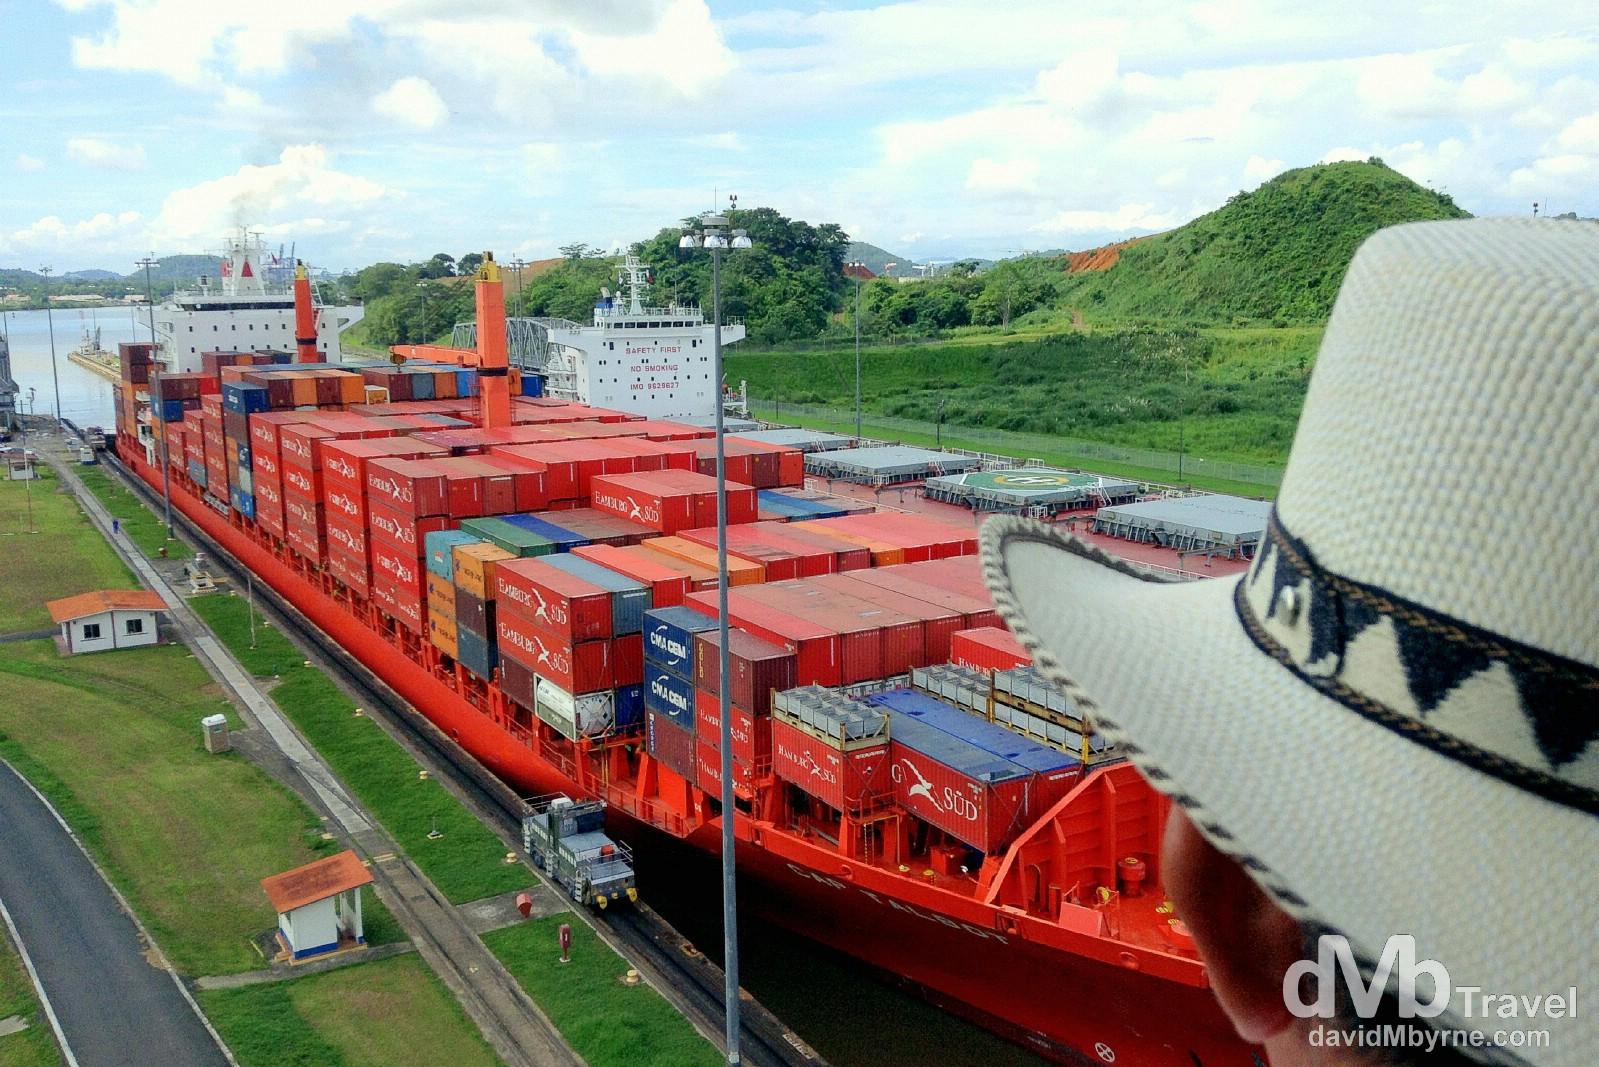 Panama - hat & canal. Miraflores Locks, Panama Canal, Panama. July 1st 2013 (iPod).